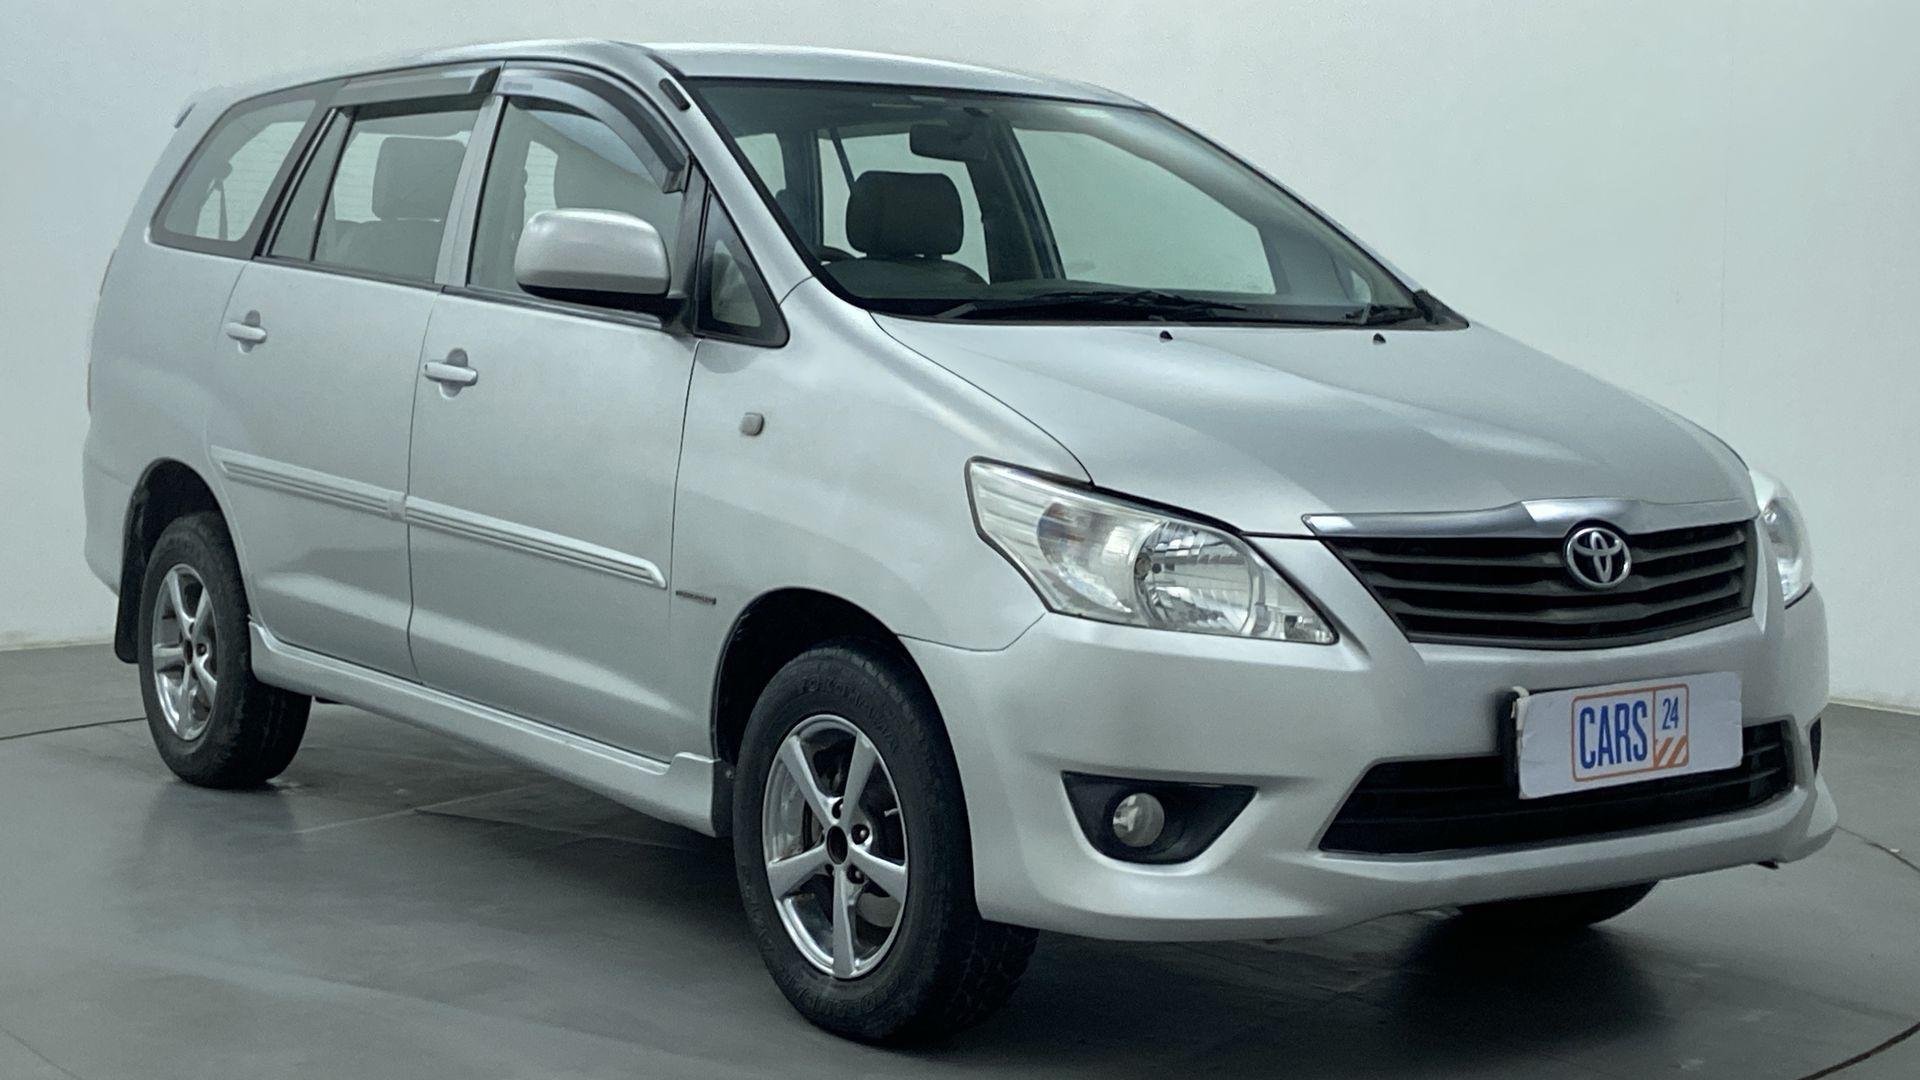 2012 Toyota Innova 2.5 GX 7 STR BS IV